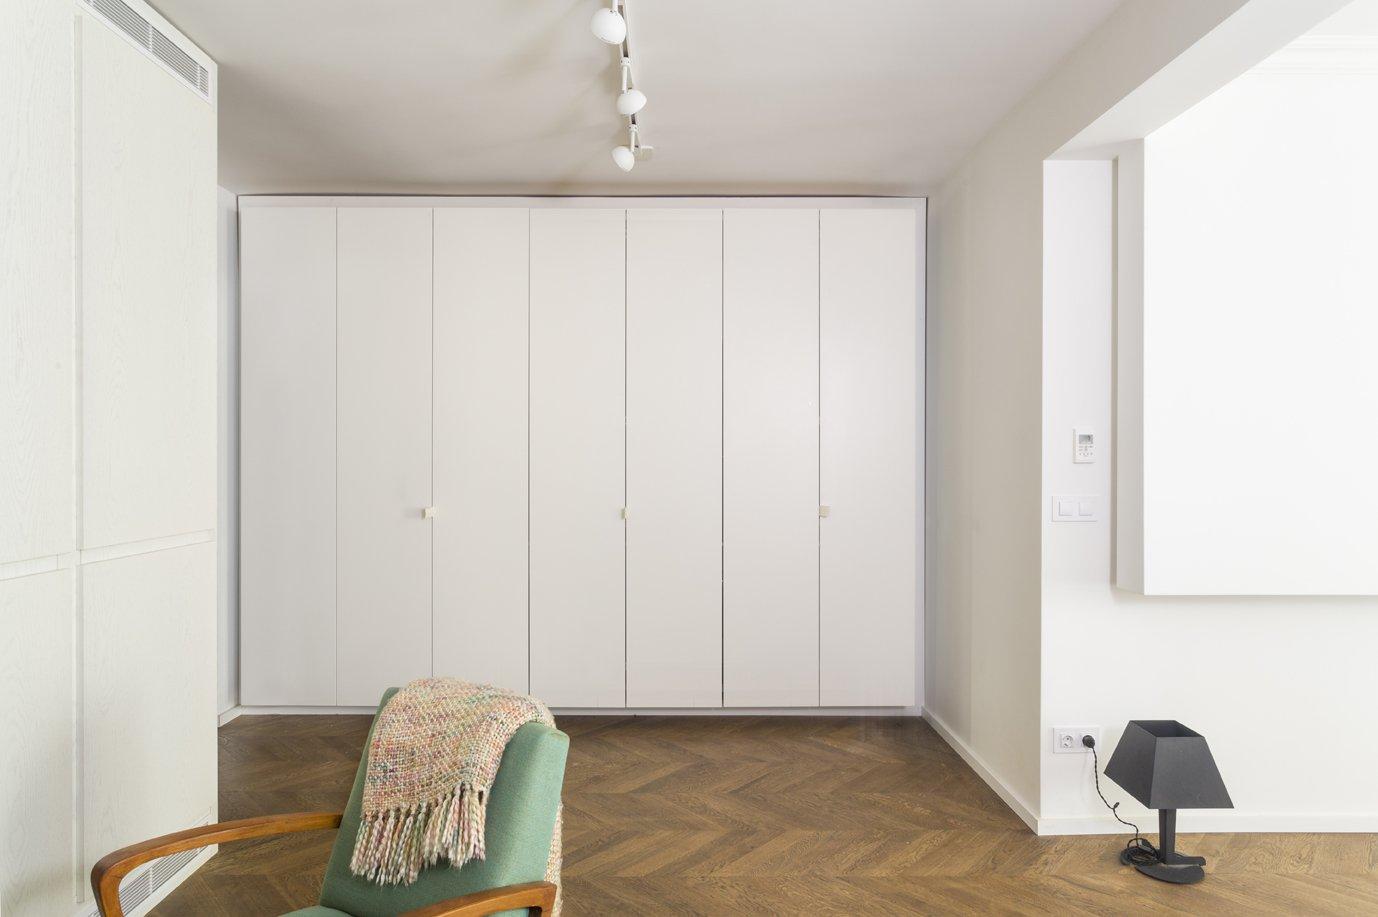 дизайн квартир в скандинавском стиле